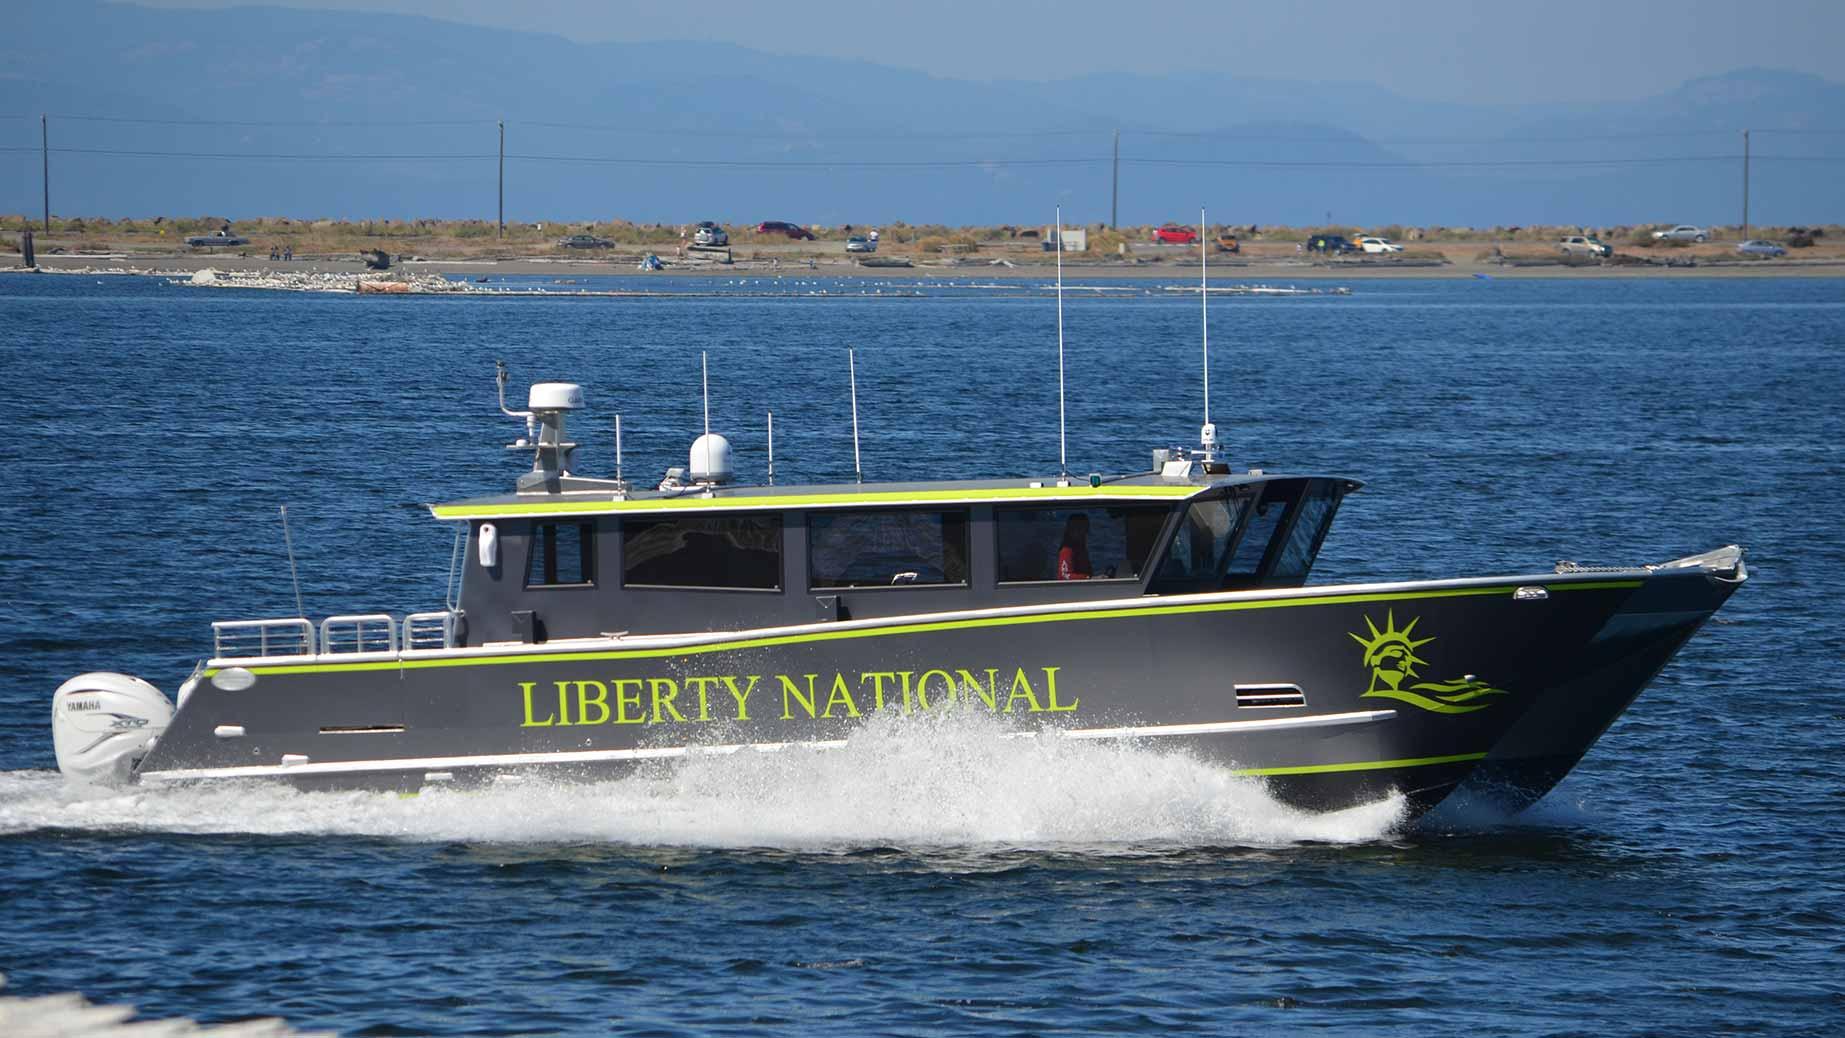 liberty national yacht